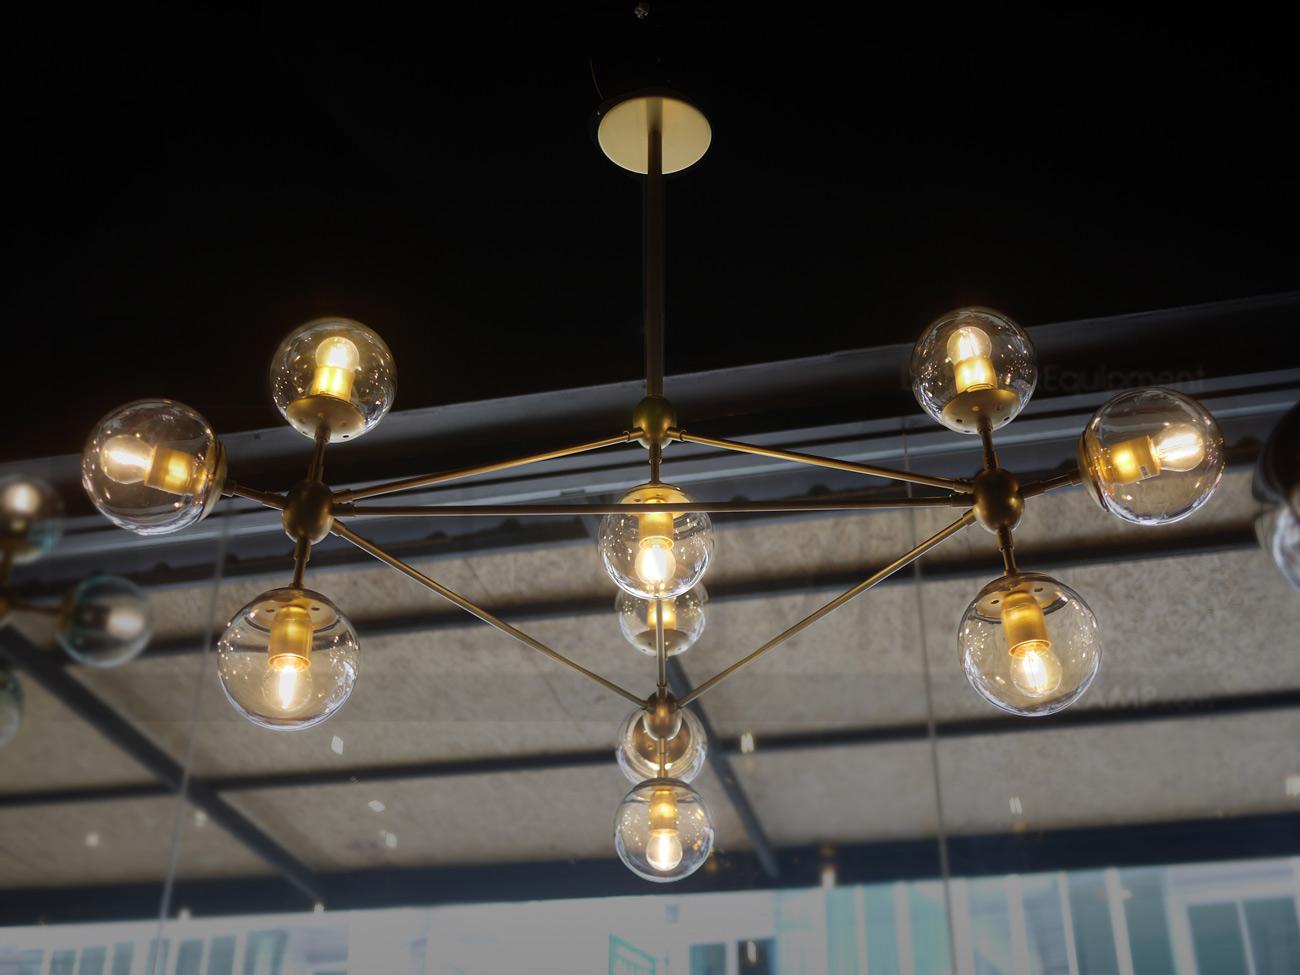 โคมไฟห้อย โคมไฟแขวน โคมไฟลอฟท์ โคมไฟระย้า IRATO-10